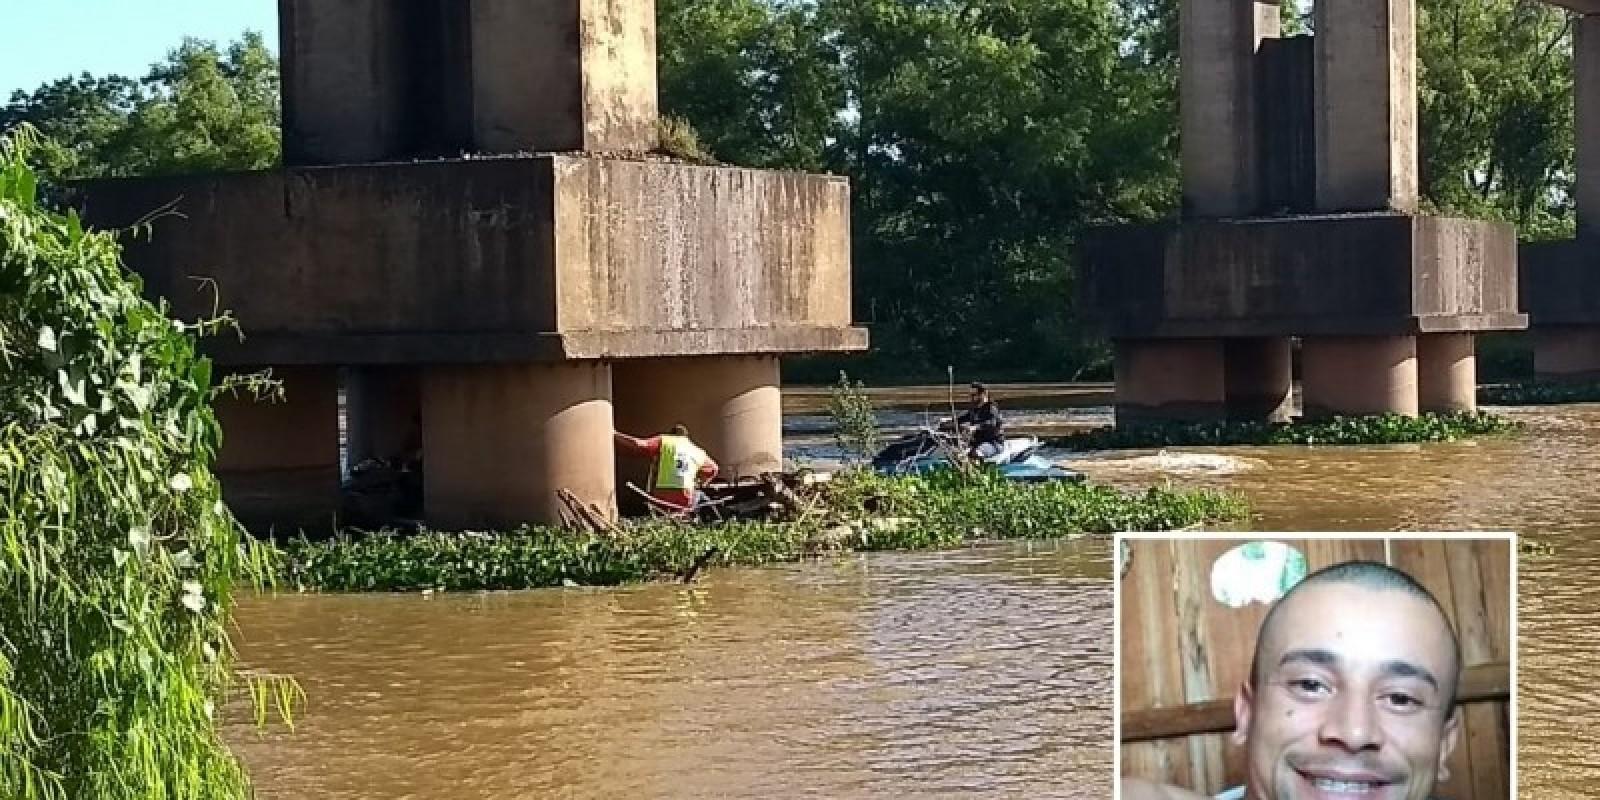 Homem de 33 anos segue em estado grave após queda em rio